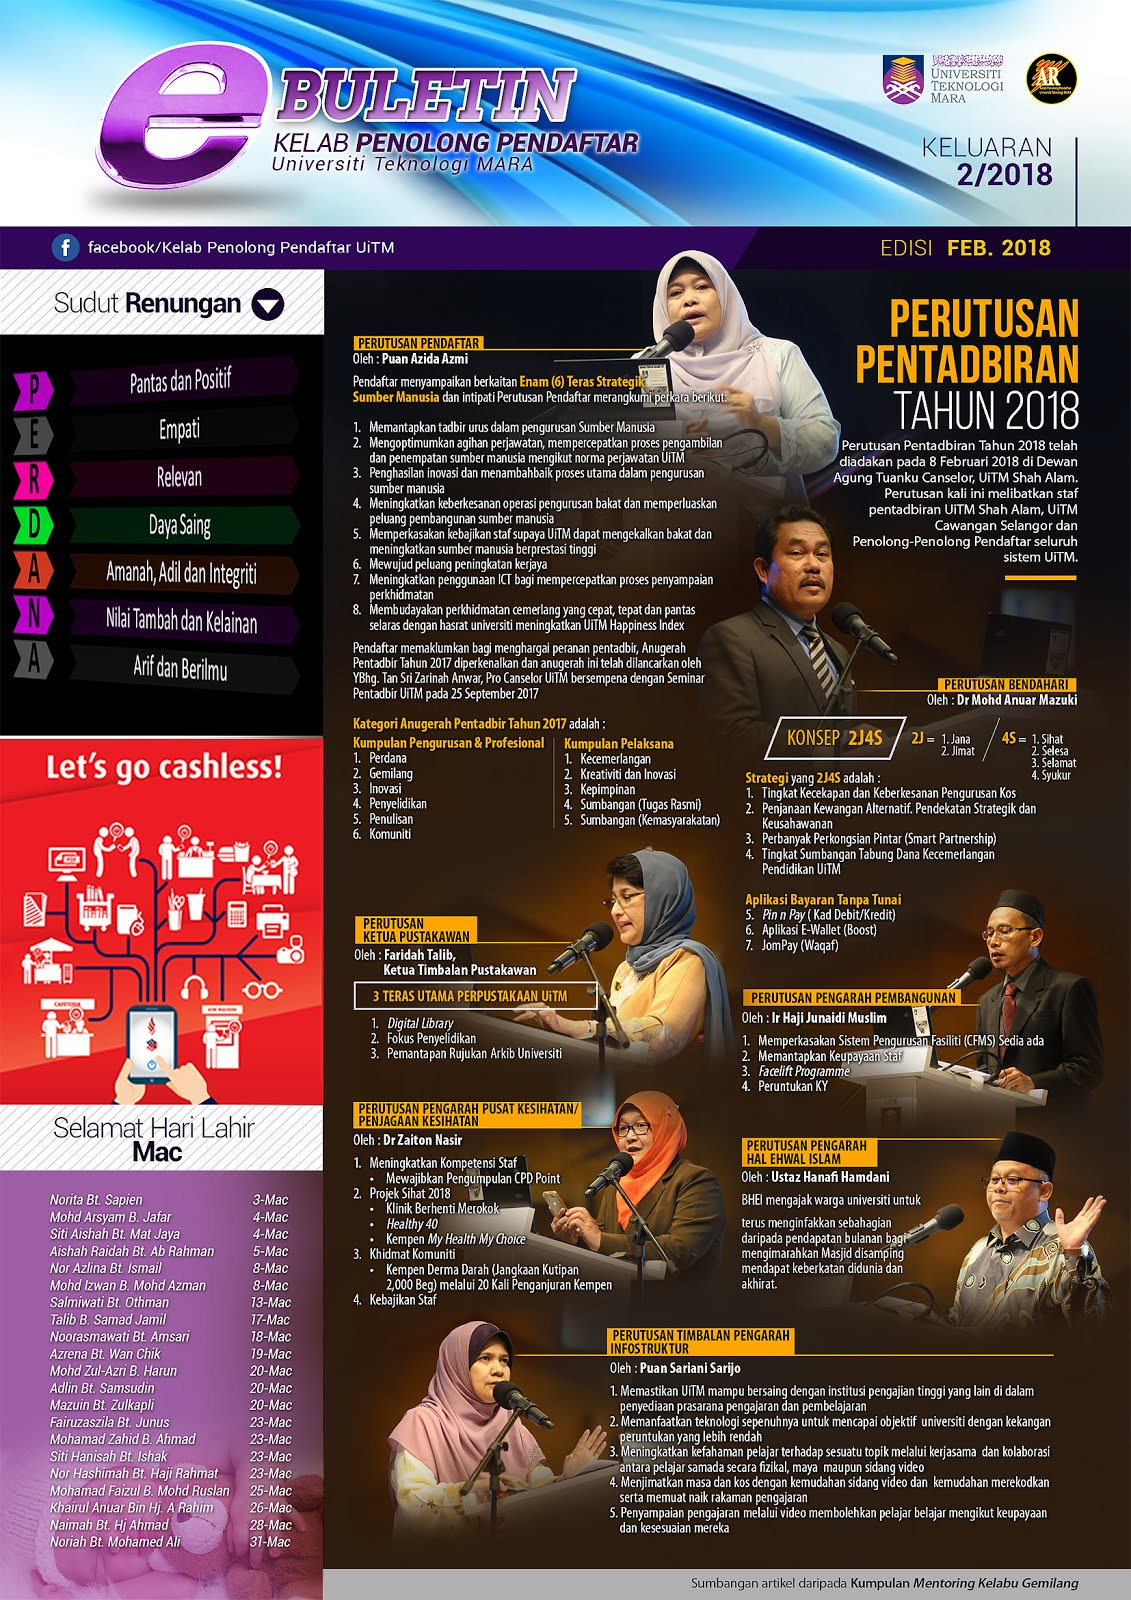 E Buletin Kelab Penolong Pendaftar Uitm Keluaran 1 2018 2 2018 Kumpulan Mentoring Oren